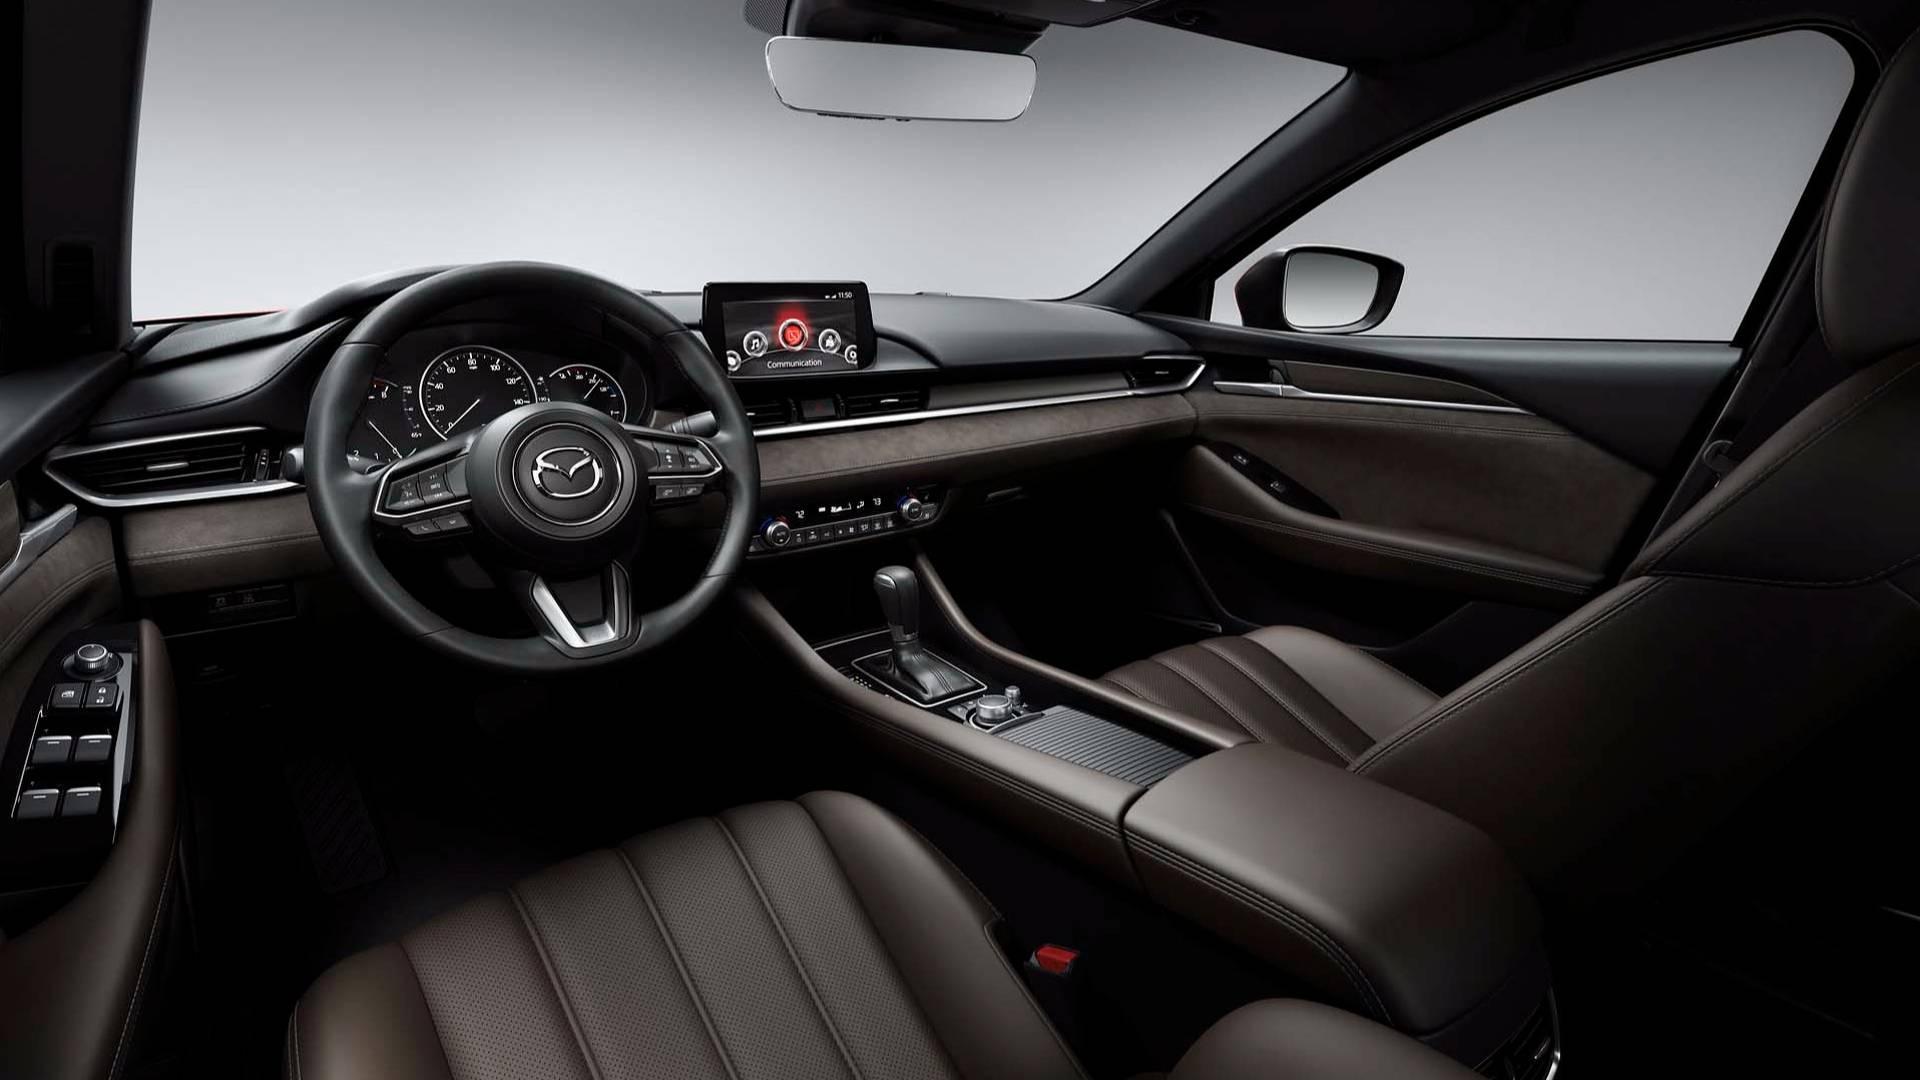 Nuevo Mazda 6 2018 >> Aquí está el nuevo Mazda 6 2018: Ahora con hasta 250 CV de potencia y un interior renovado